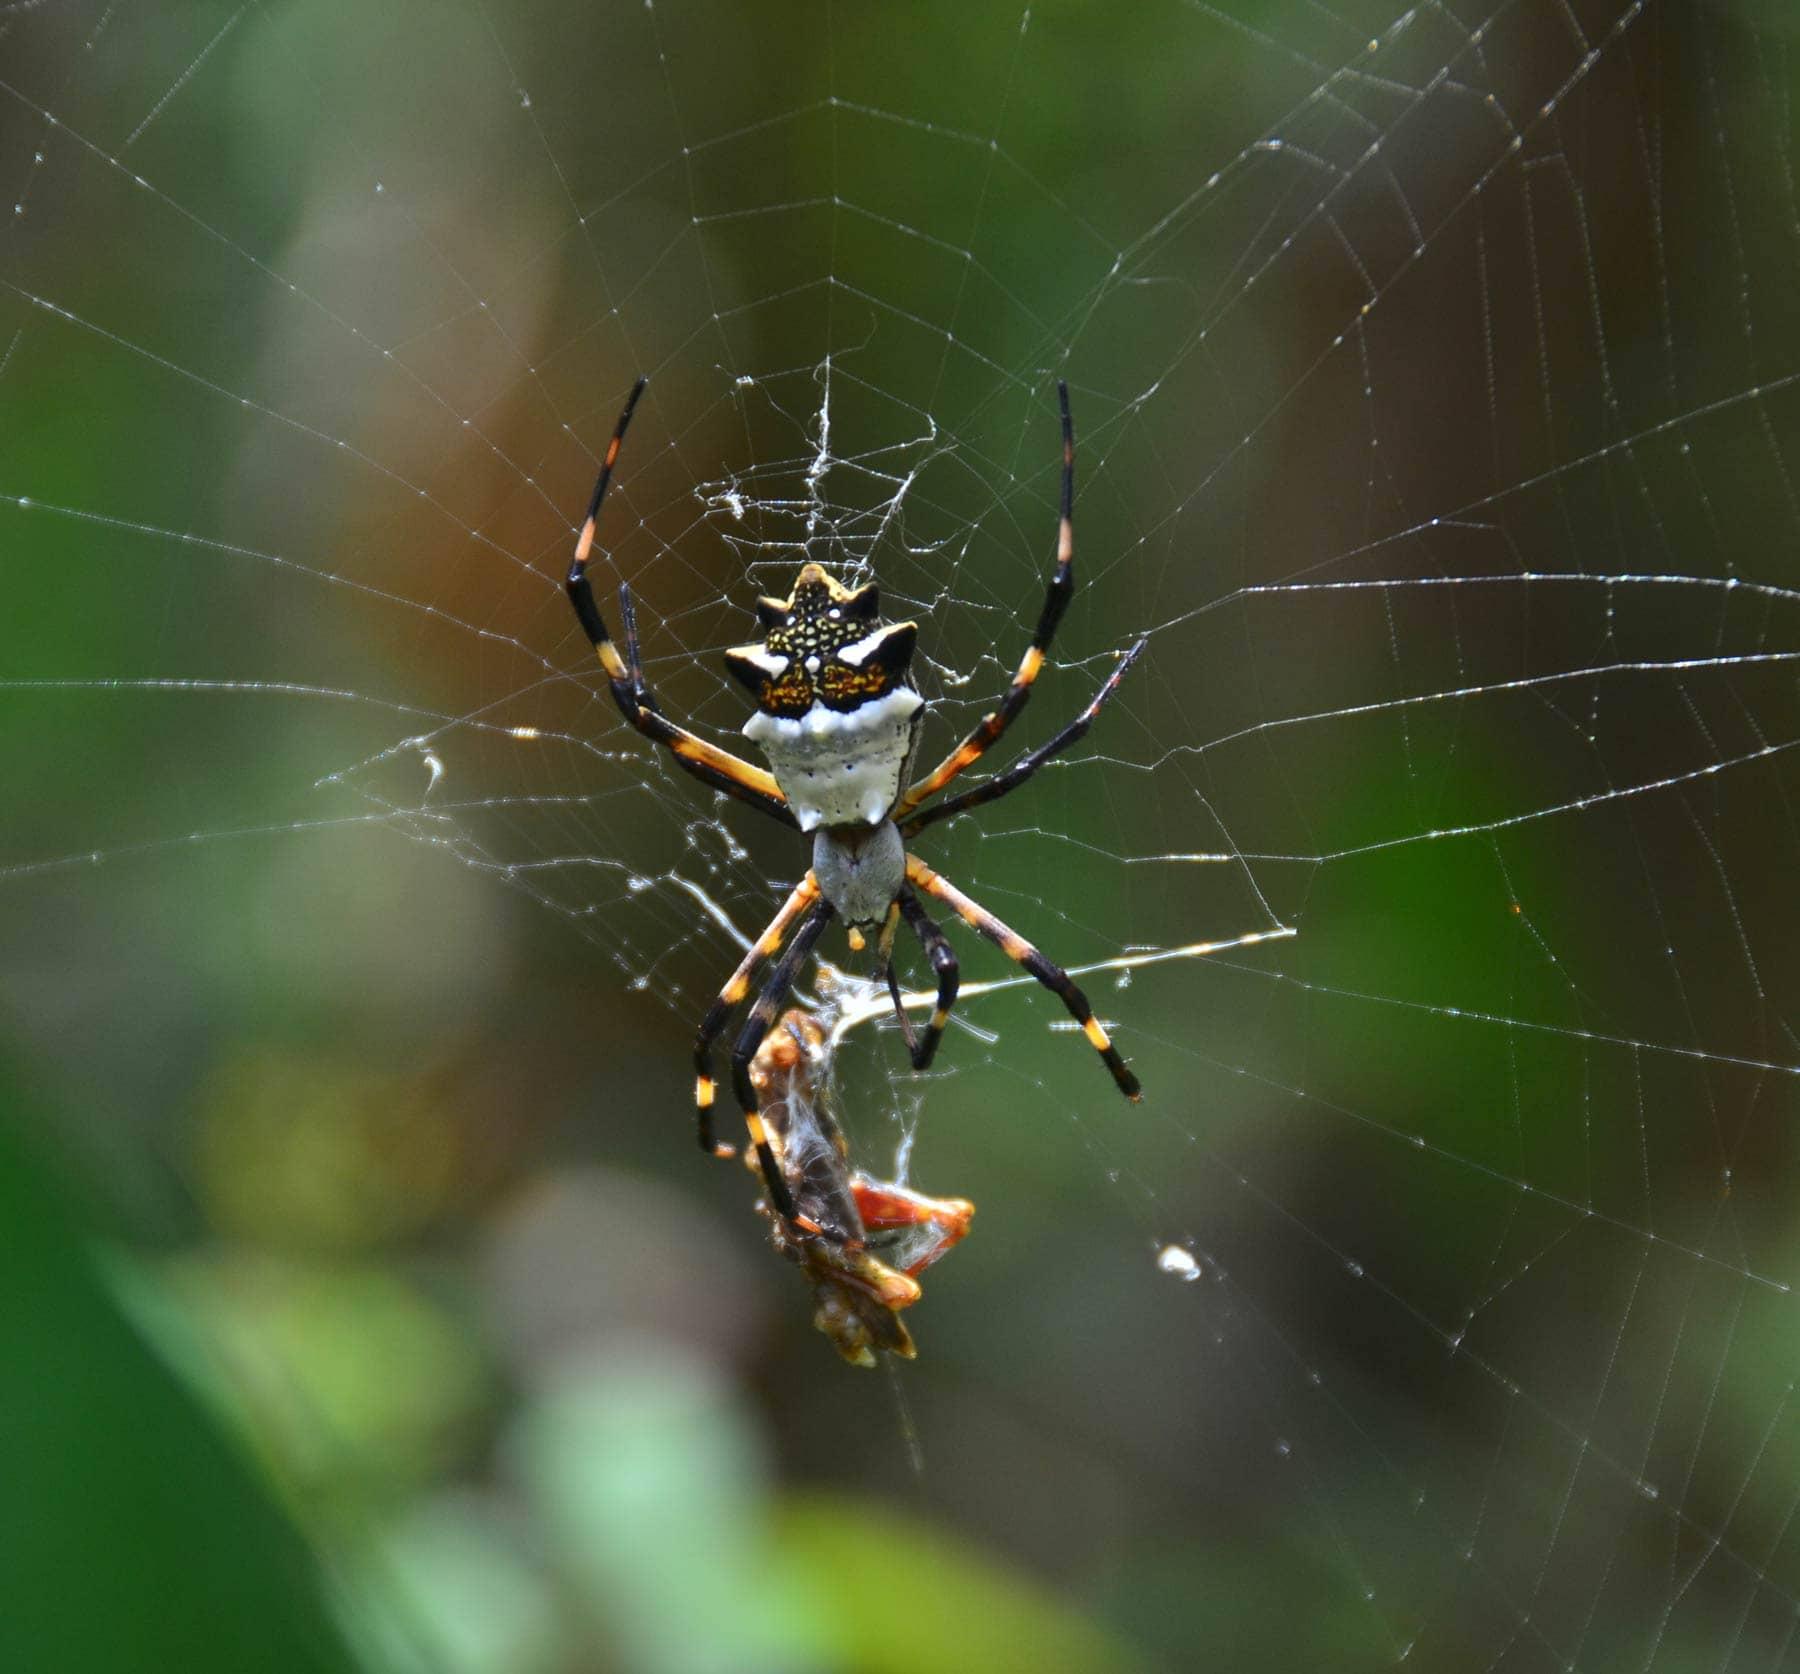 orb-weaver-spider-amazon-rainforest - Rainforest Healing ... - photo#6